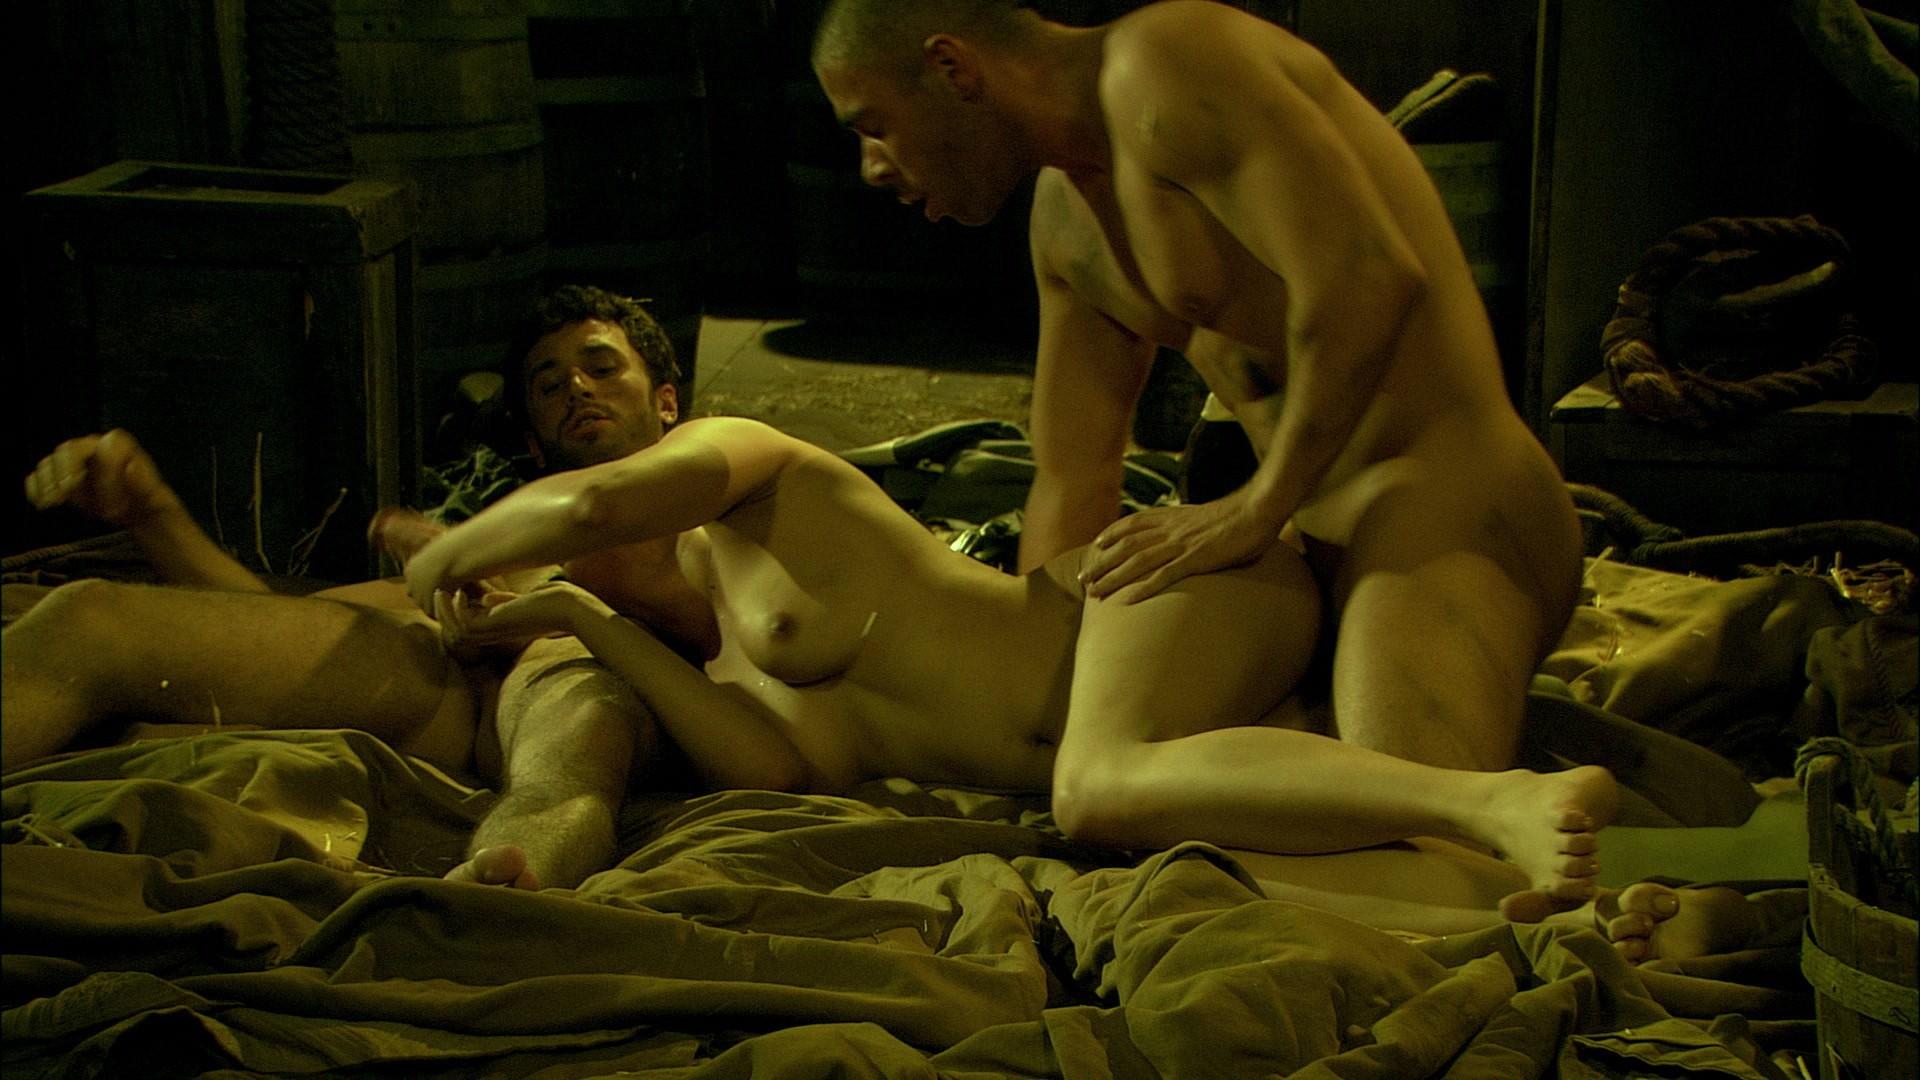 экстрима понравится смотреть русский худ фильм порно мужчина стал разряжаться